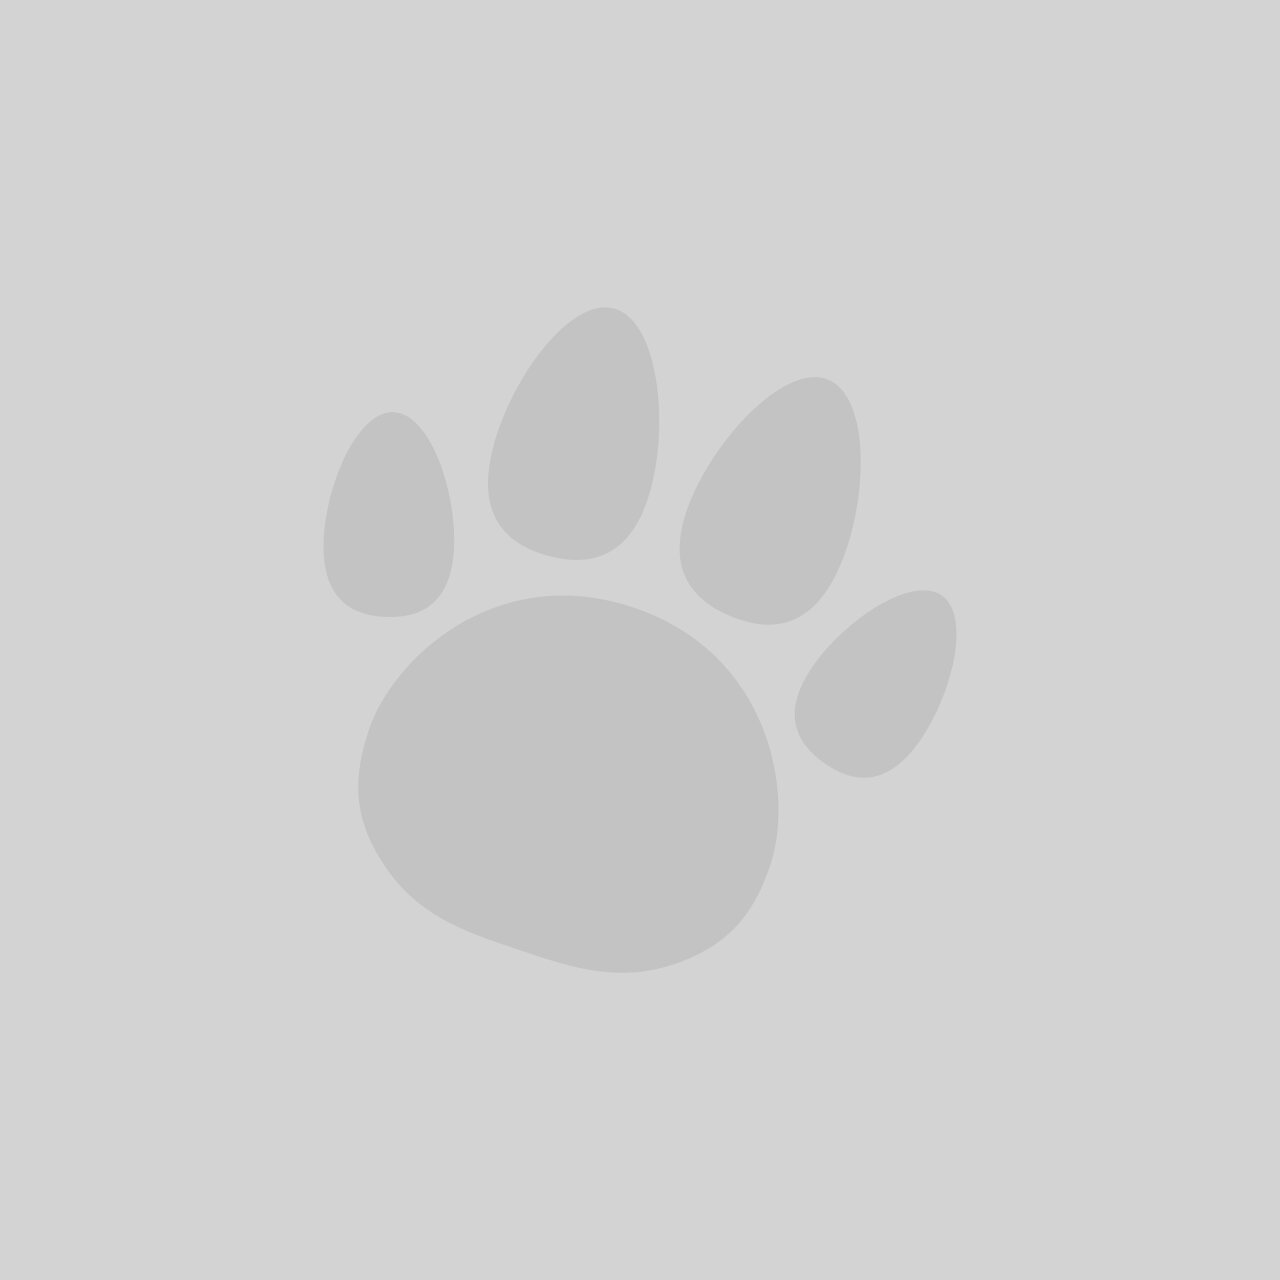 Beaphar Dog Tooth gel